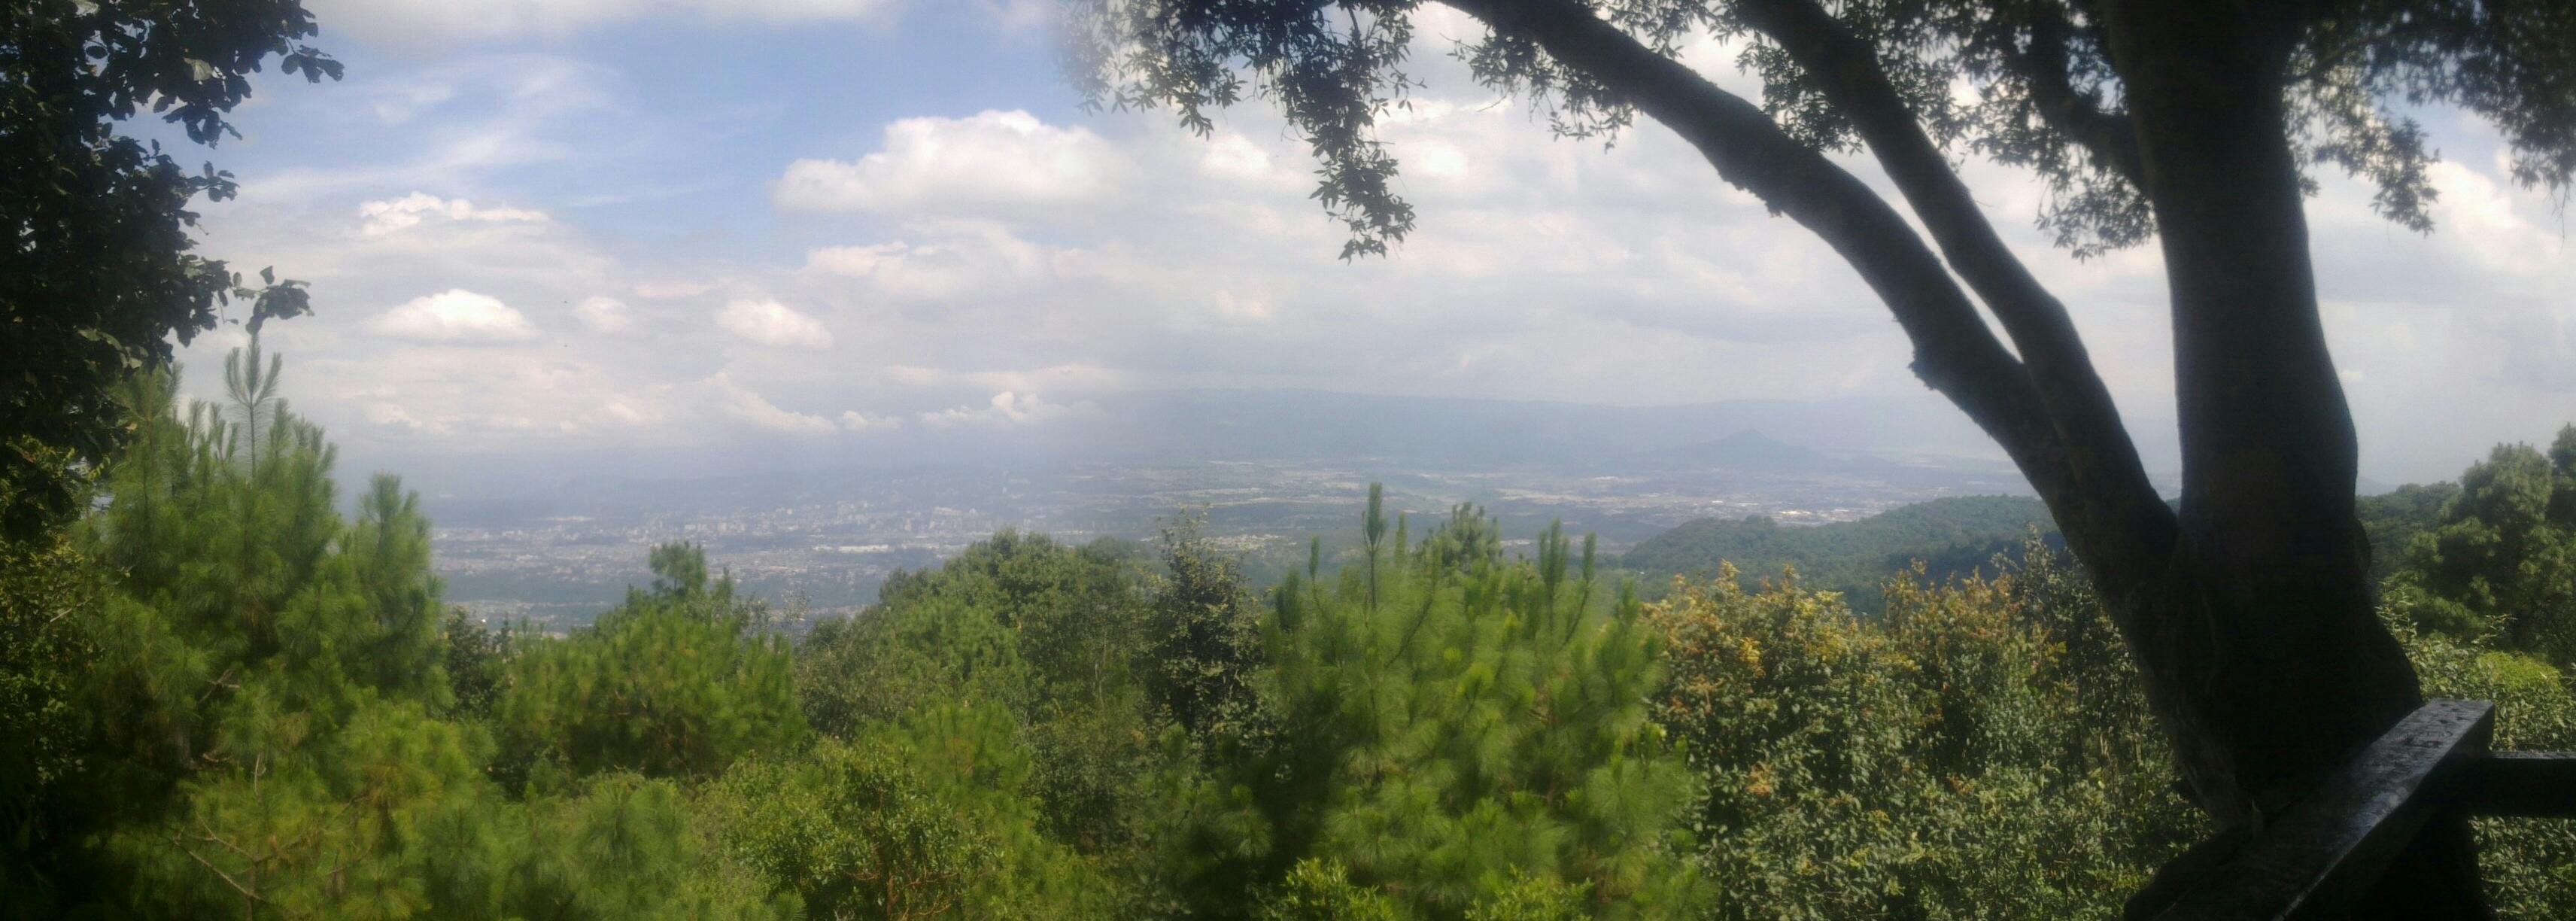 040920127911 - Guía turística – Cerro Alux